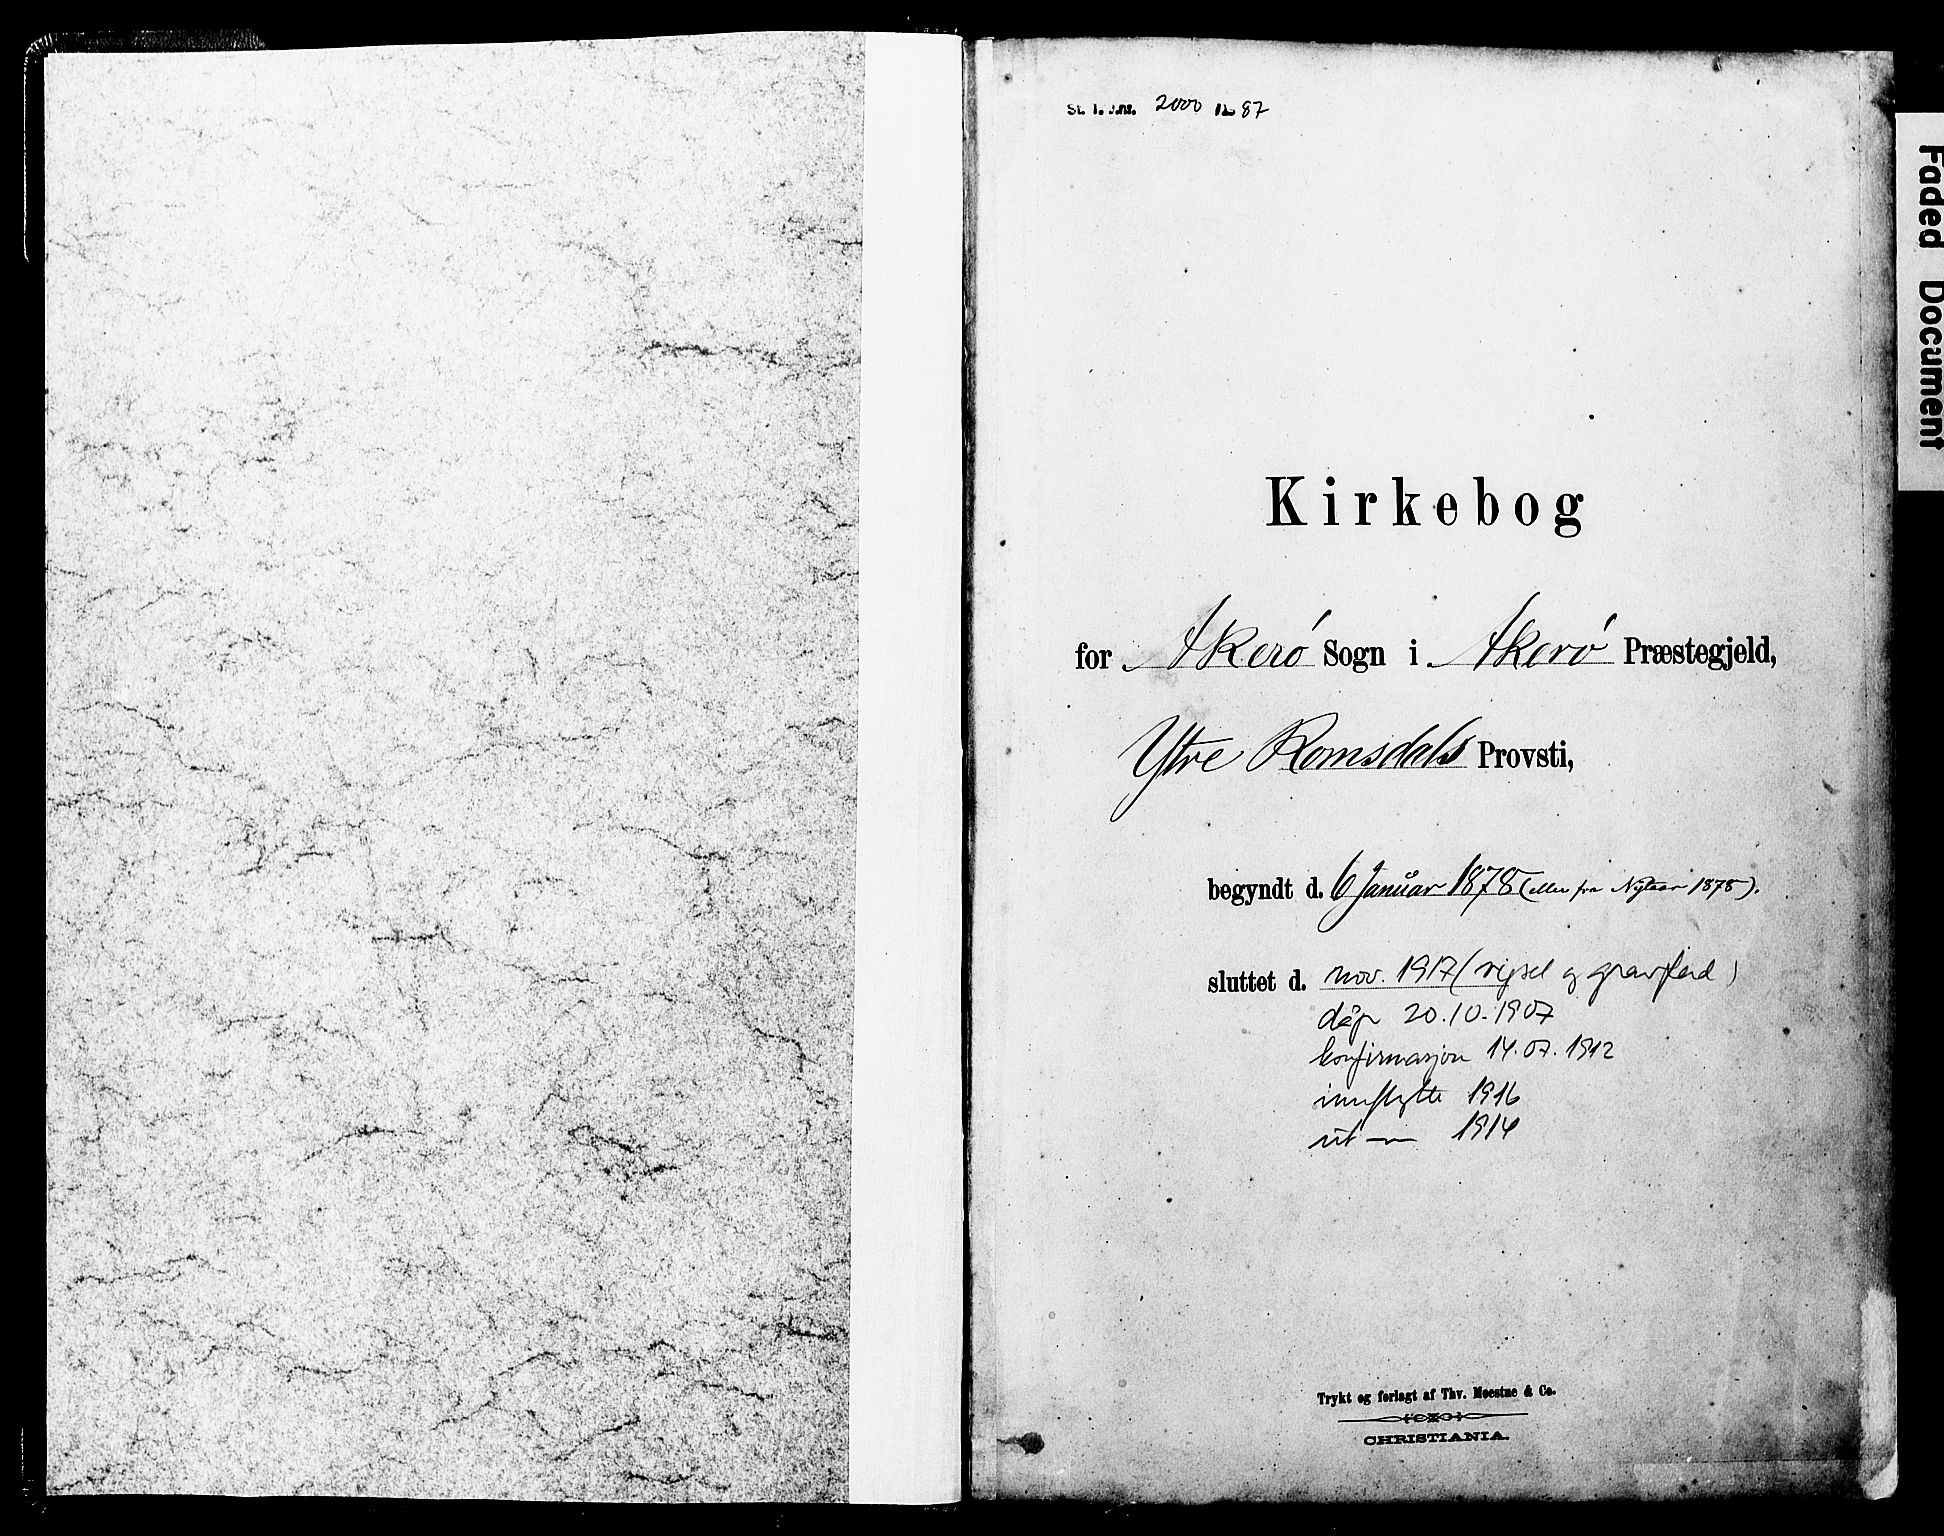 SAT, Ministerialprotokoller, klokkerbøker og fødselsregistre - Møre og Romsdal, 560/L0721: Parish register (official) no. 560A05, 1878-1917